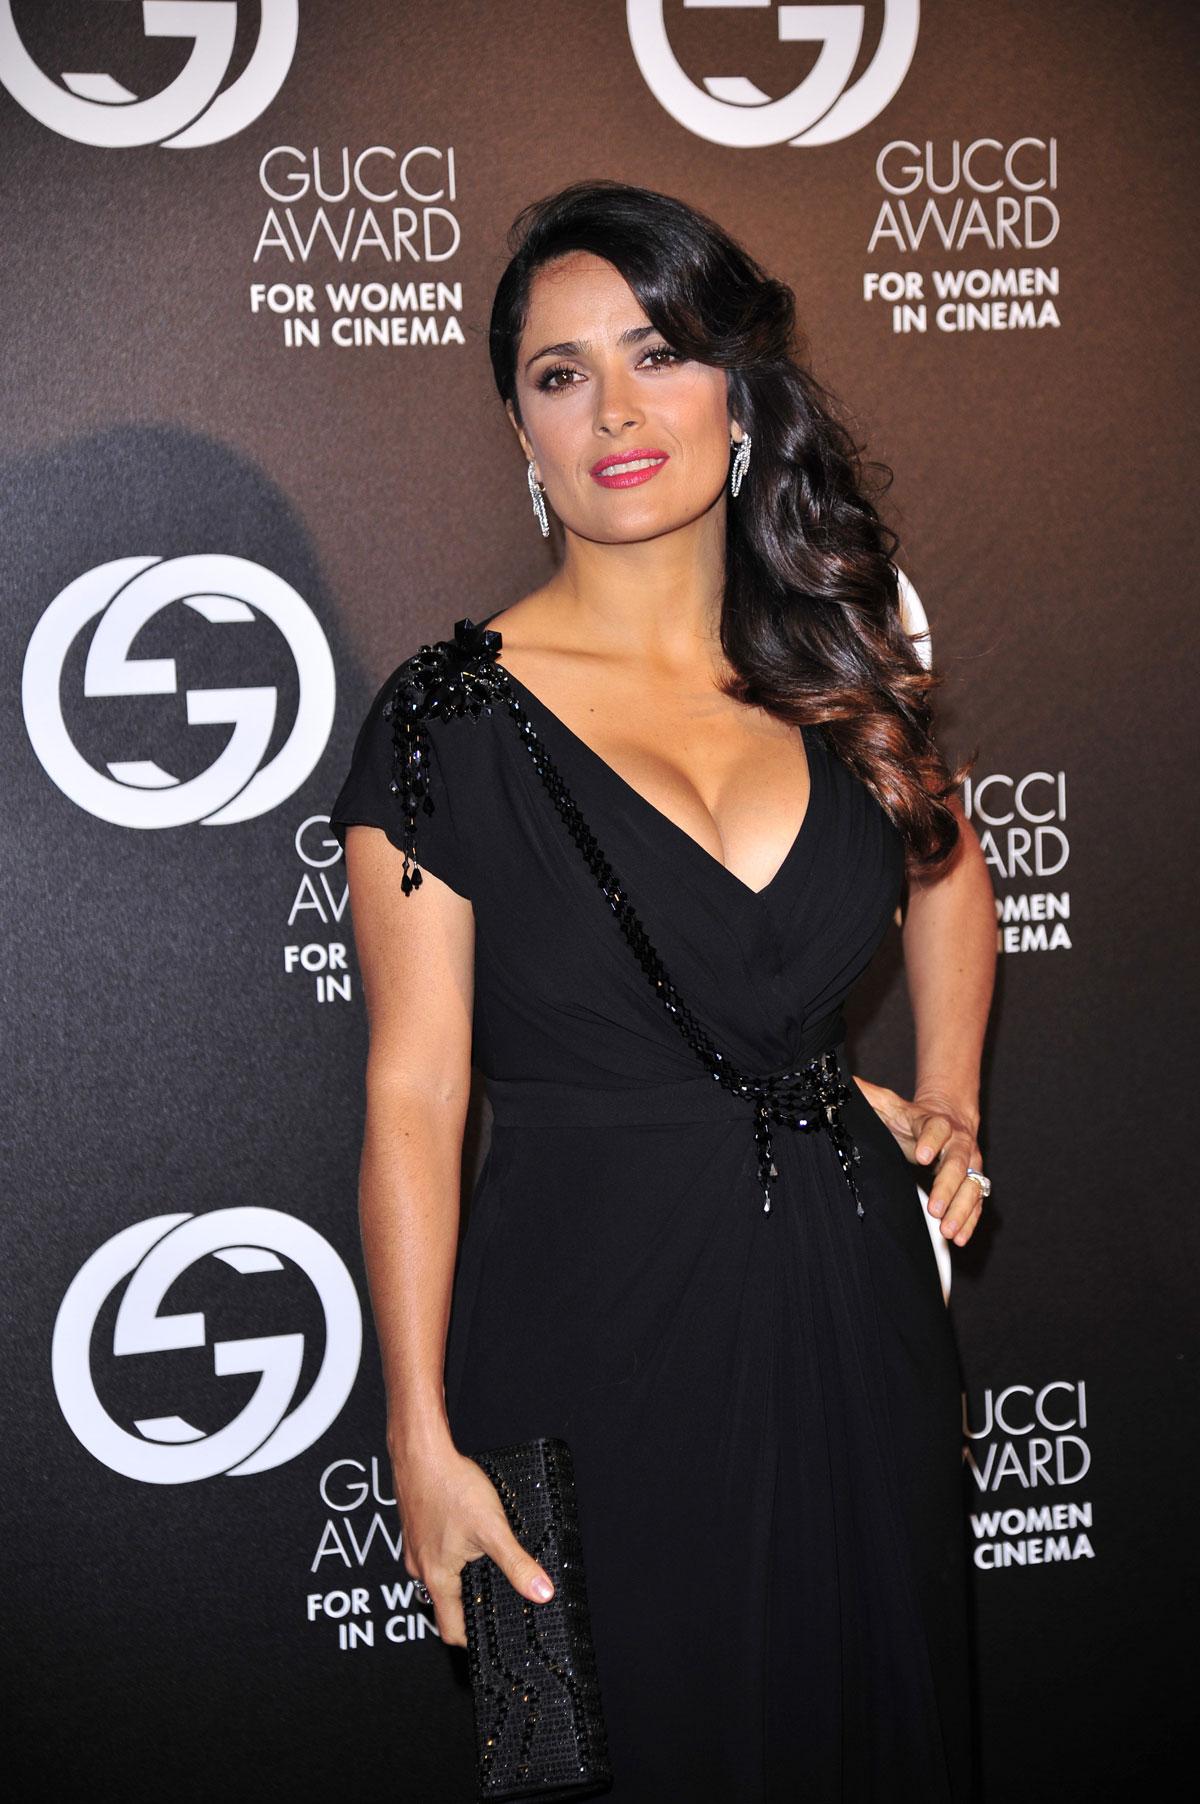 Salma Hayek Hot In Black Dress At 2012 Award For Women